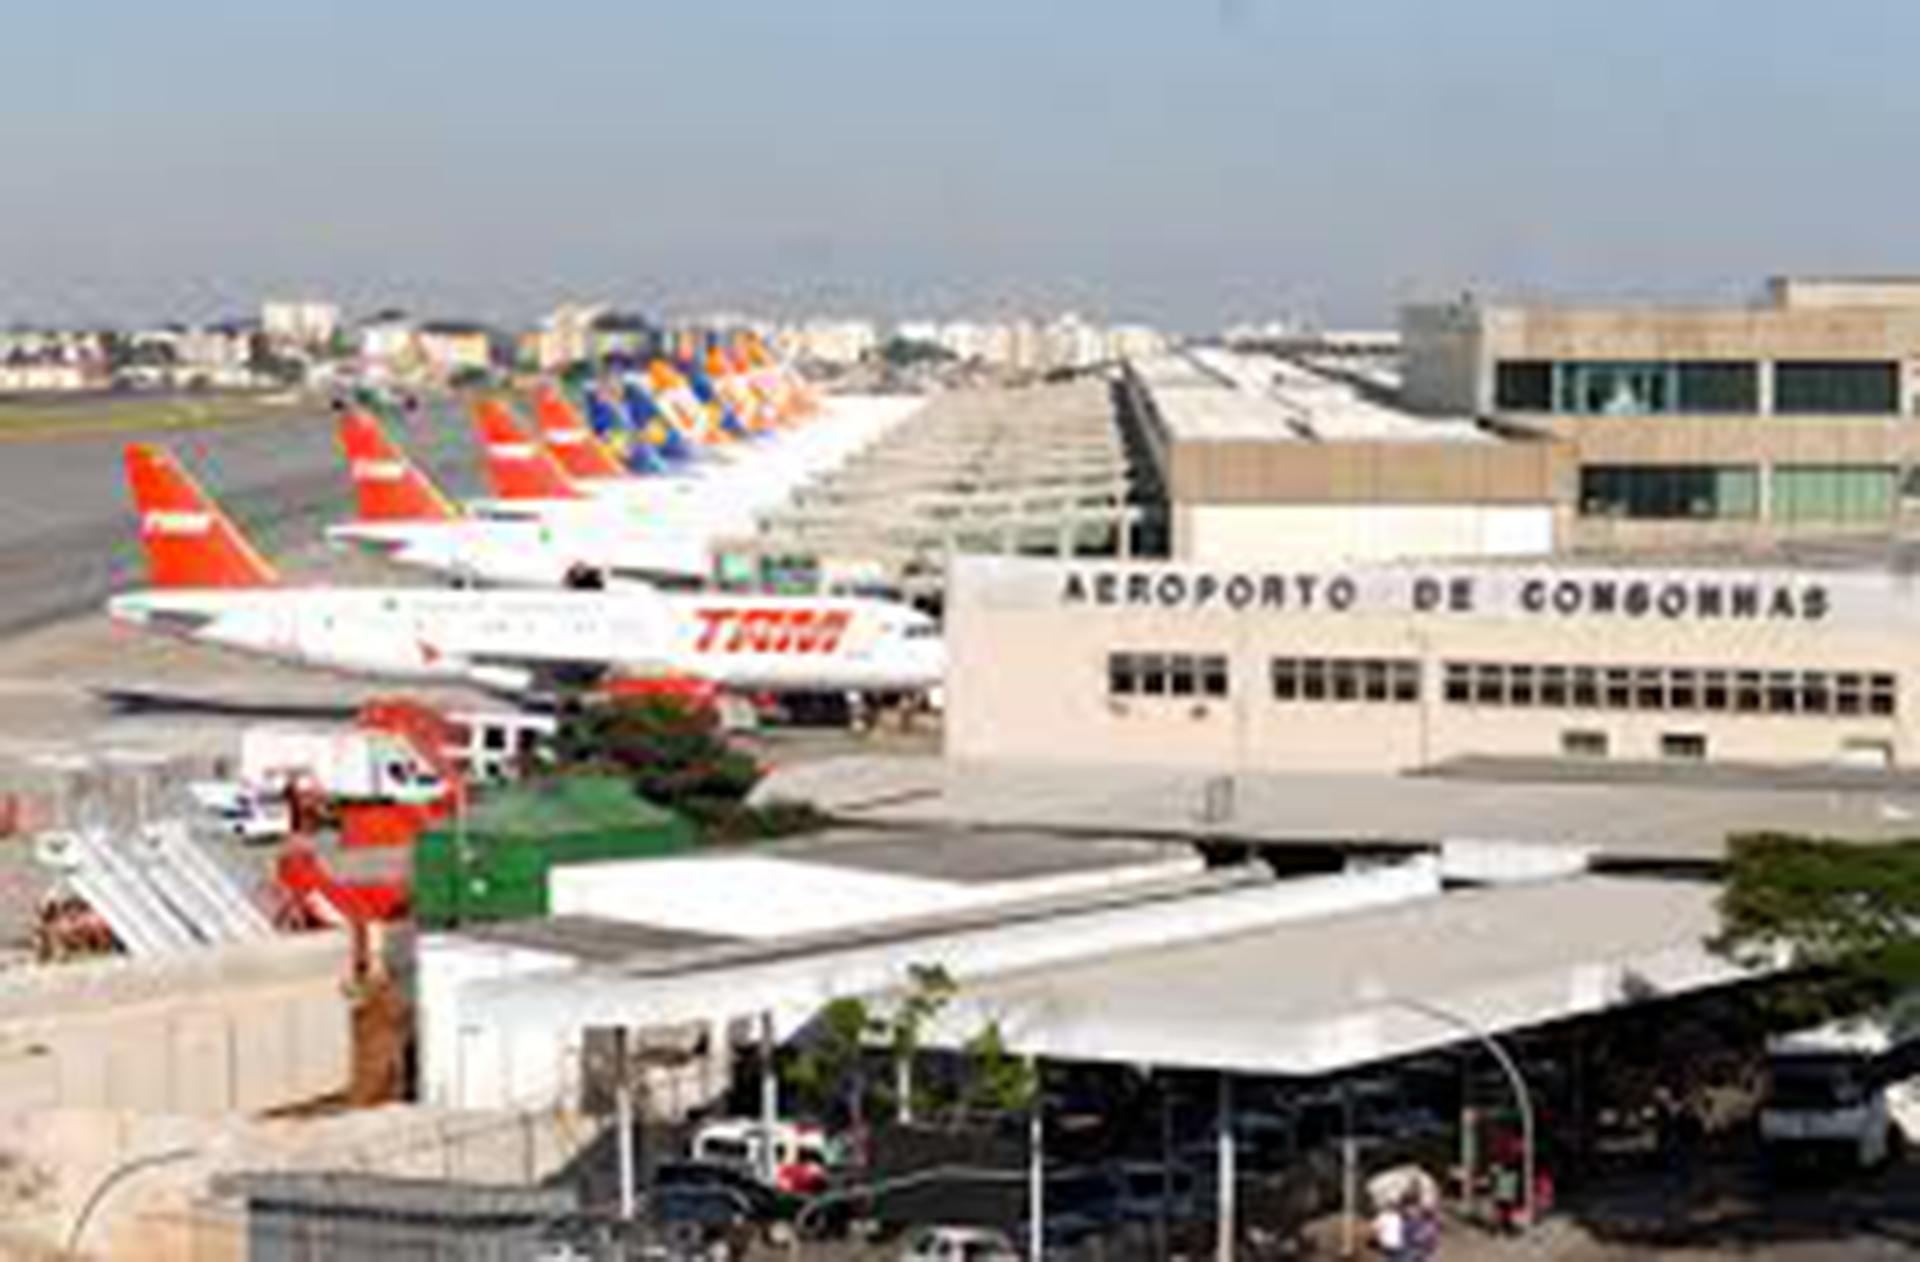 El aeropuerto de Congonhas, en San Pablo, es el segundo mayor del país en número de pasajeros